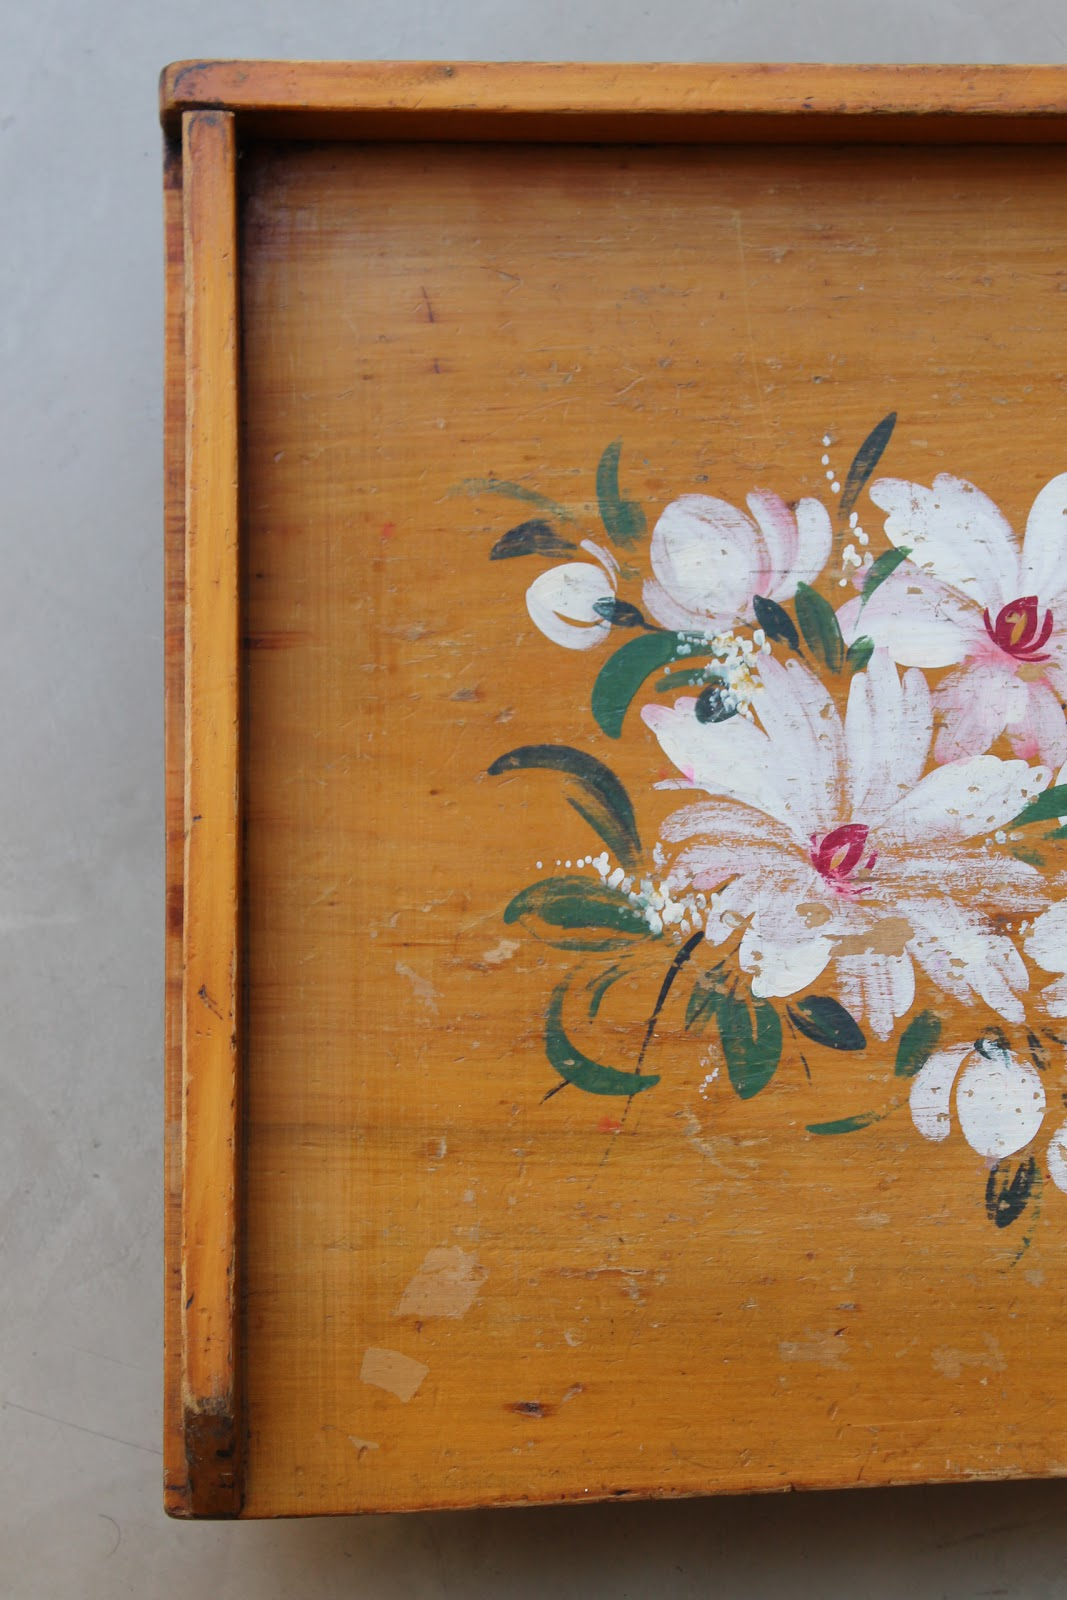 Flores Pintadas Decorativas De Madera Imagen de archivo  - Imagenes De Flores Pintadas En Madera